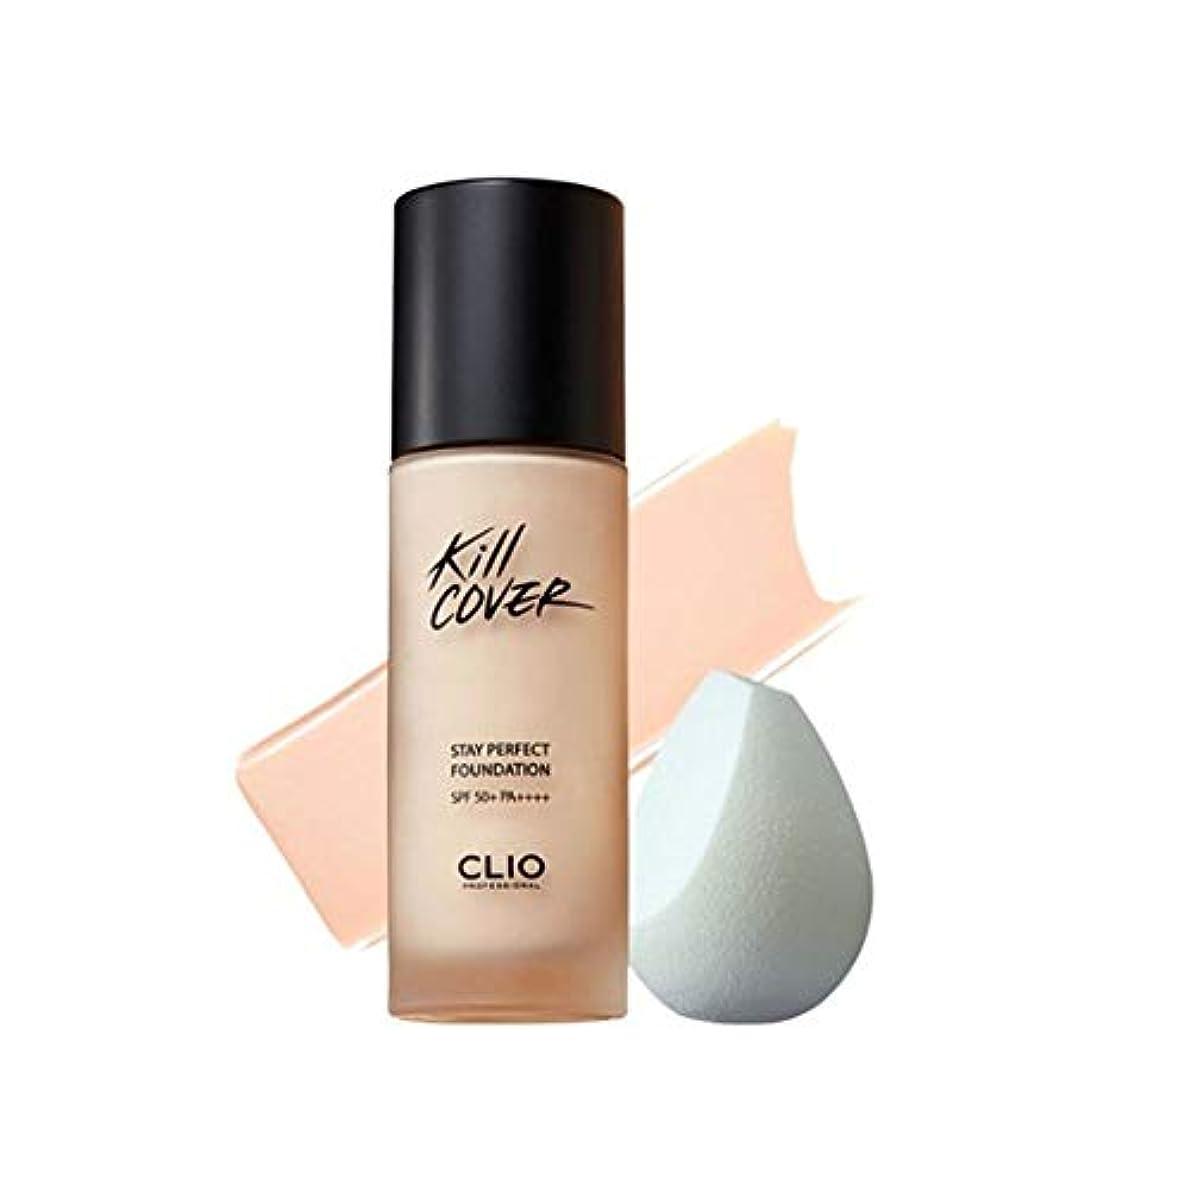 コーラス割り当てます折り目クリオキルカバーステイパーフェクトファンデーション 35g 4カラー 韓国コスメ、Clio Kill Cover Stay Perfect Foundation 35g 4 Colors Korean Cosmetics...